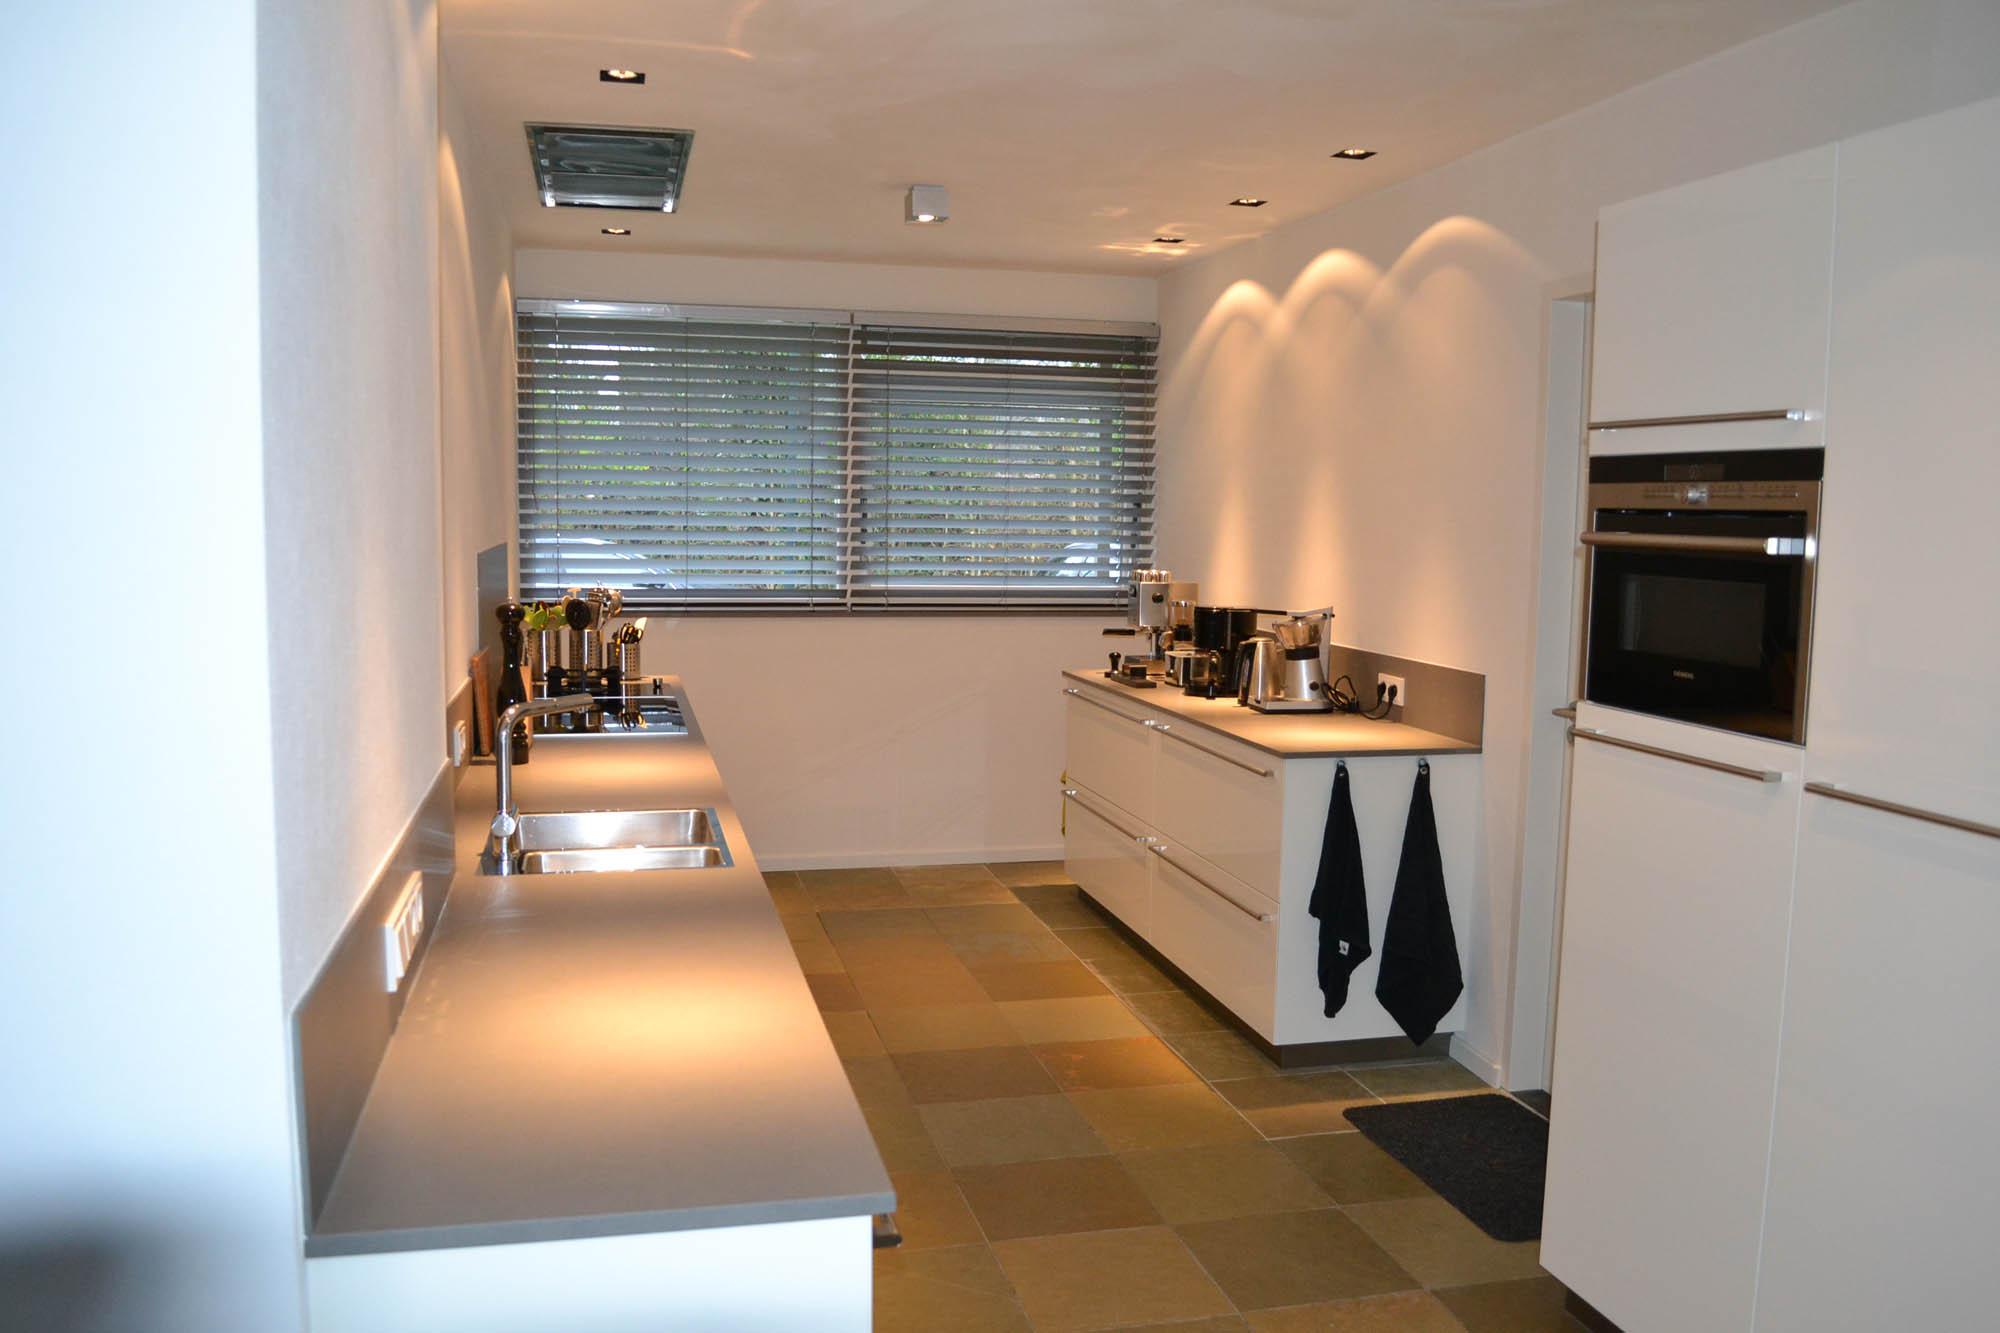 Hoogglans Witte Keuken : Keuken hoogglans wit met keramiek blad pdi interieurbouw